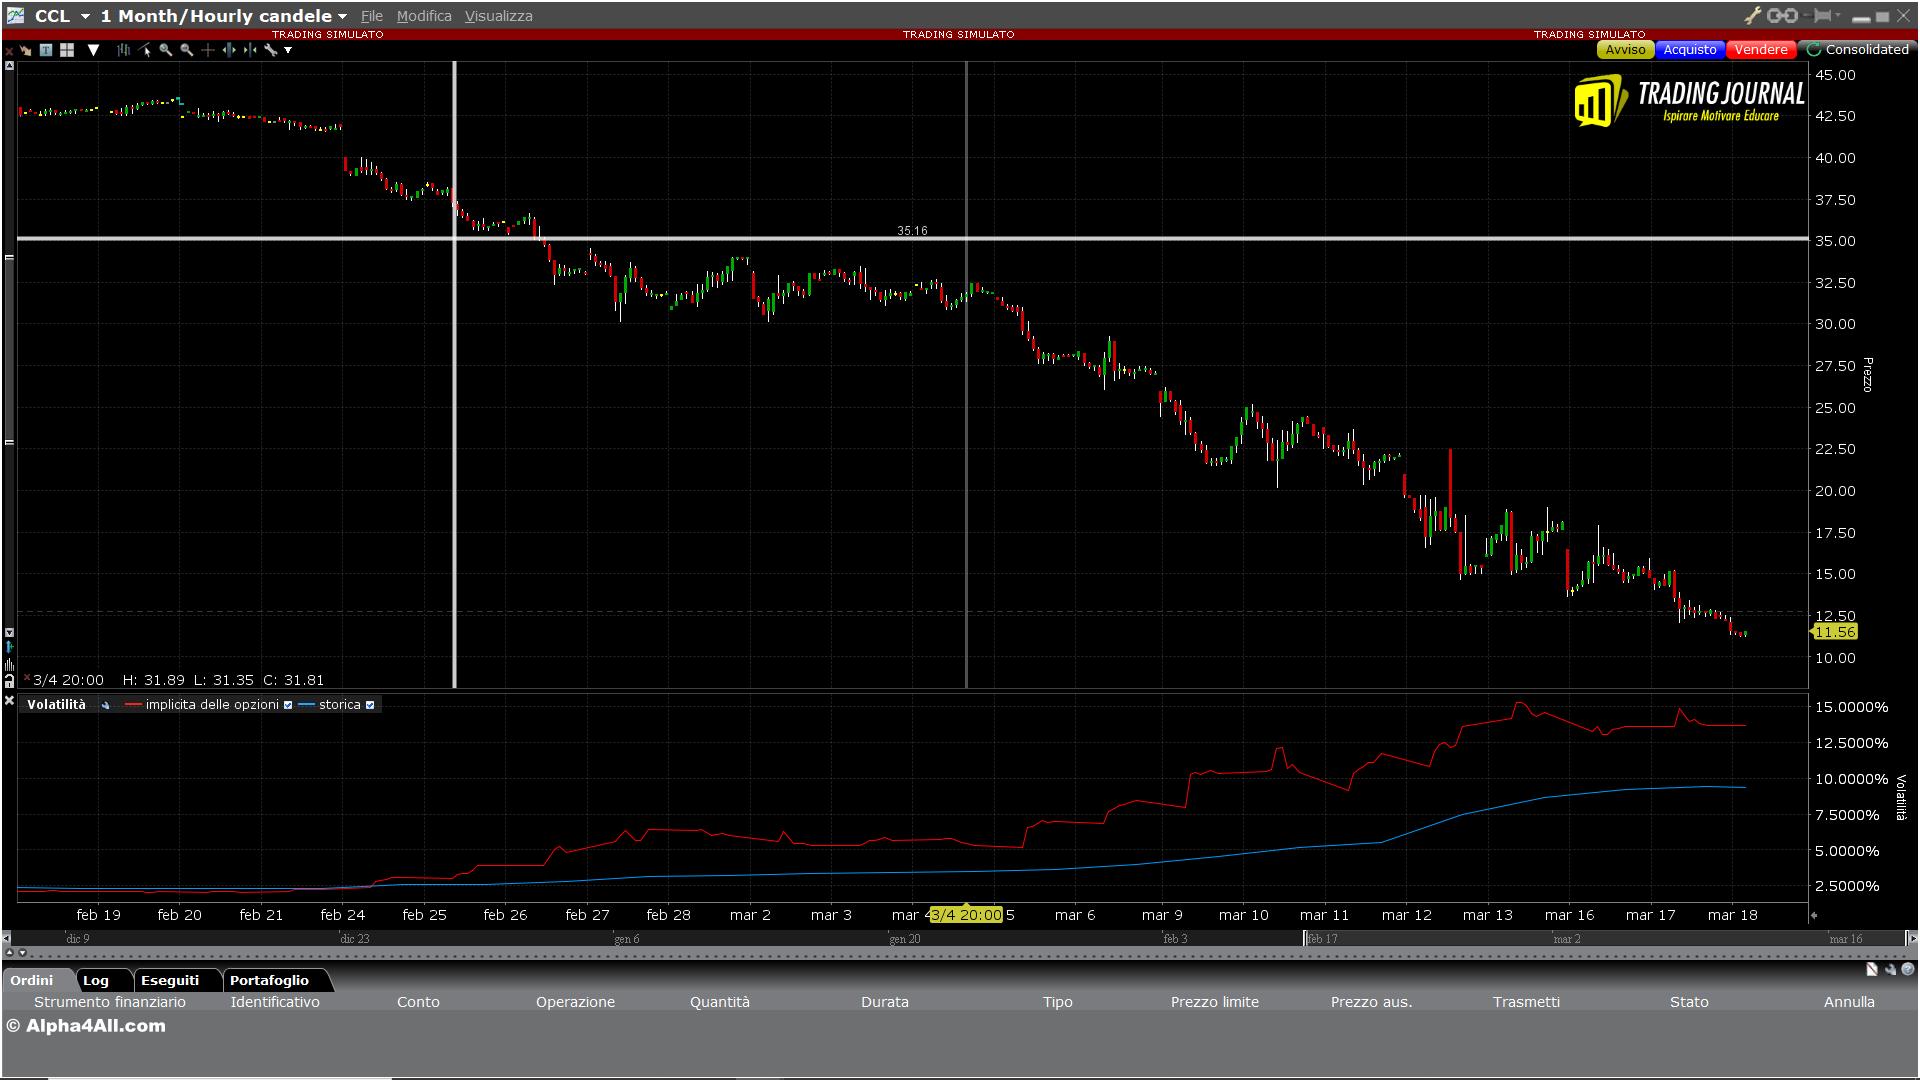 Grafico 1. Andamento del prezzo di Carnival Corporation & plc.